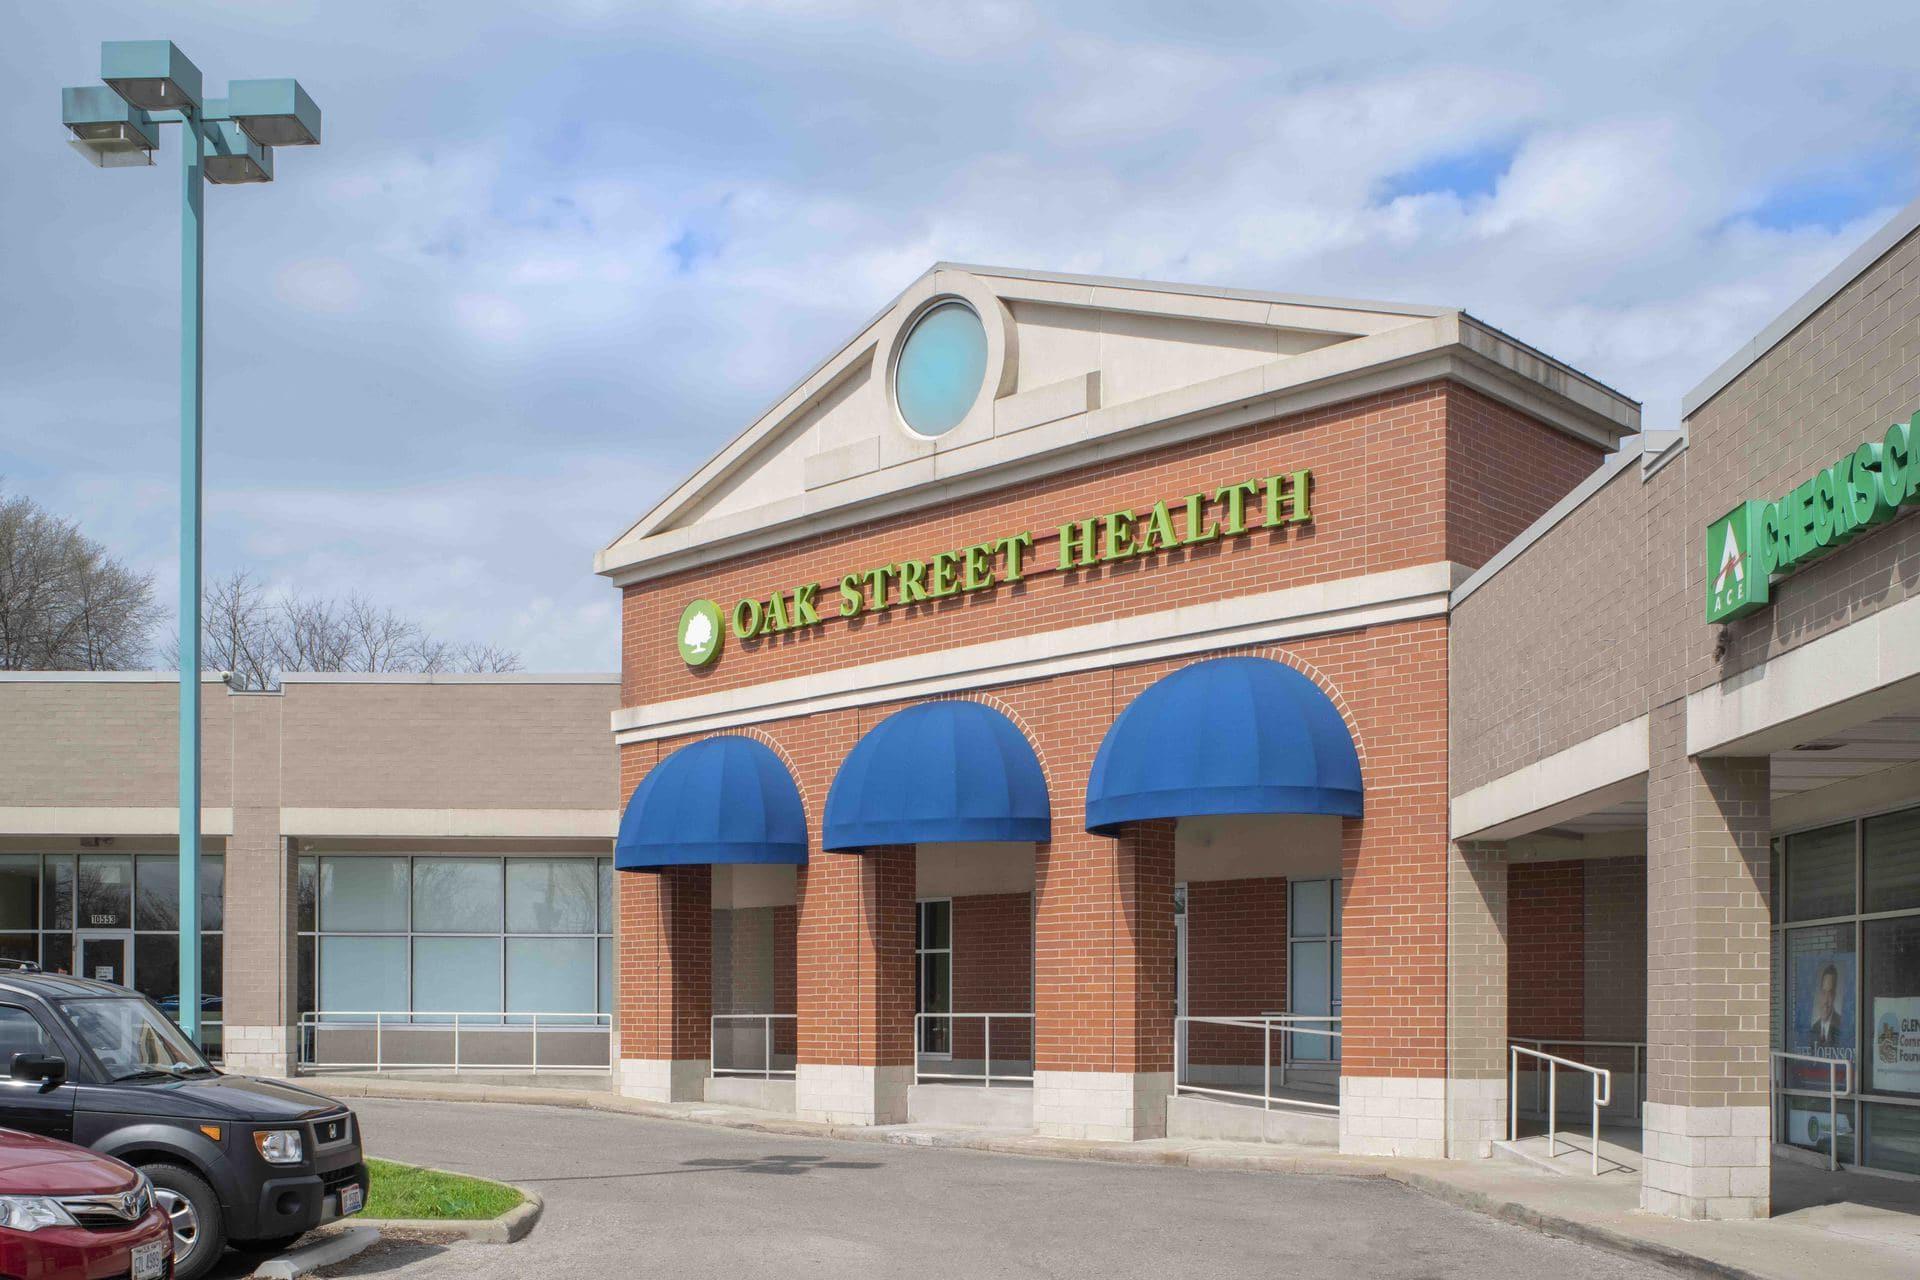 Oak Street Health in Glenville,OH